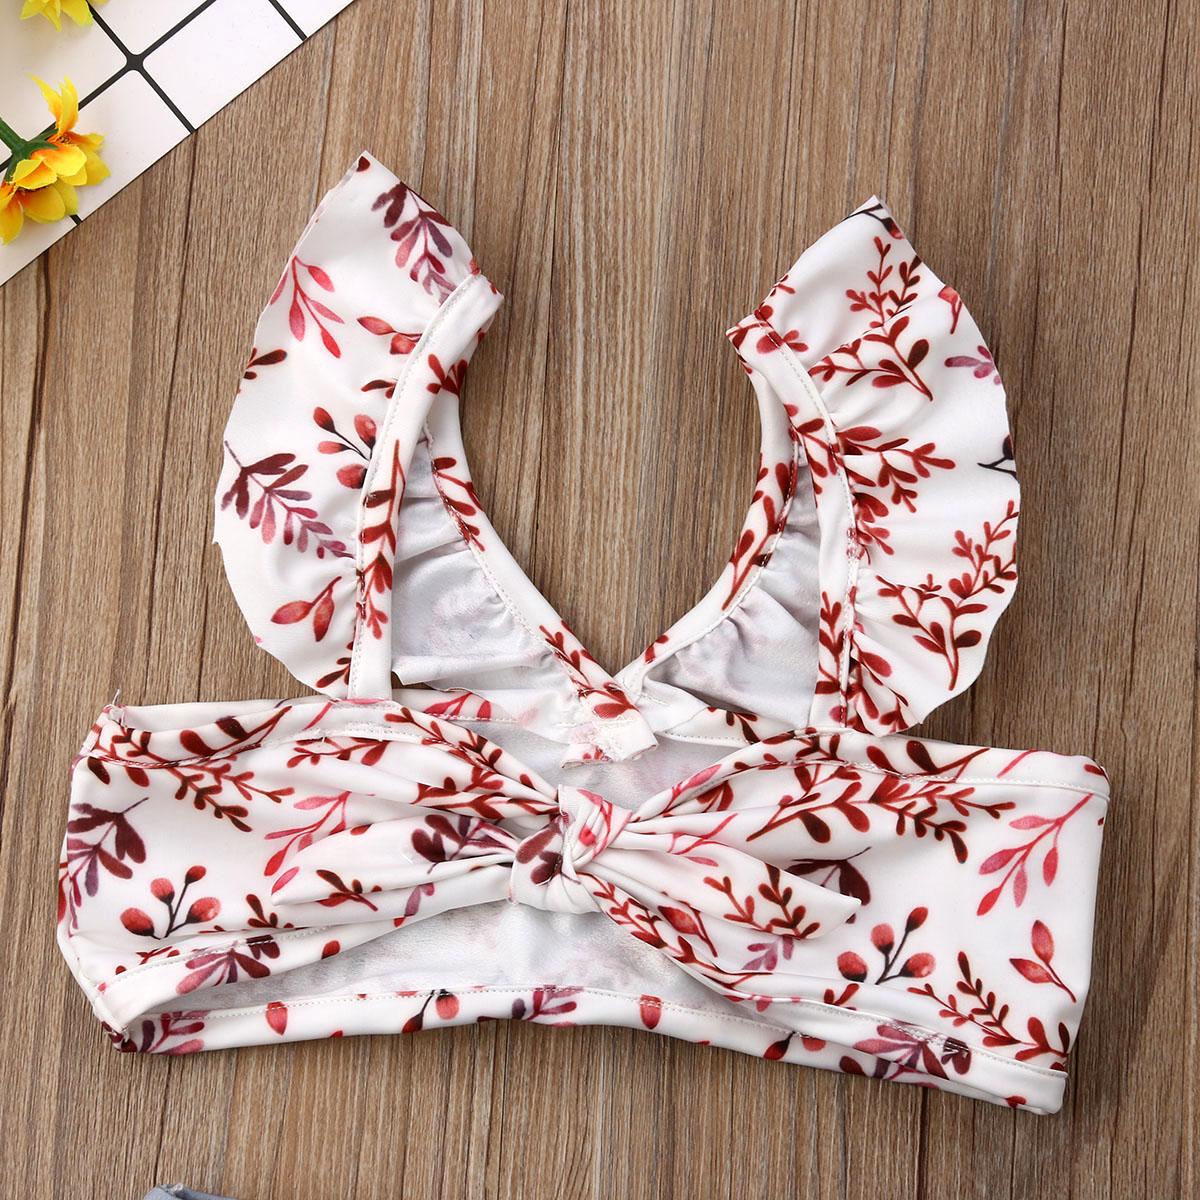 Лидер продаж, комплект из 2 предметов для маленьких девочек, Леопардовый цветочный принт, купальный костюм, бандаж, оборки, детский пляжный л... 23